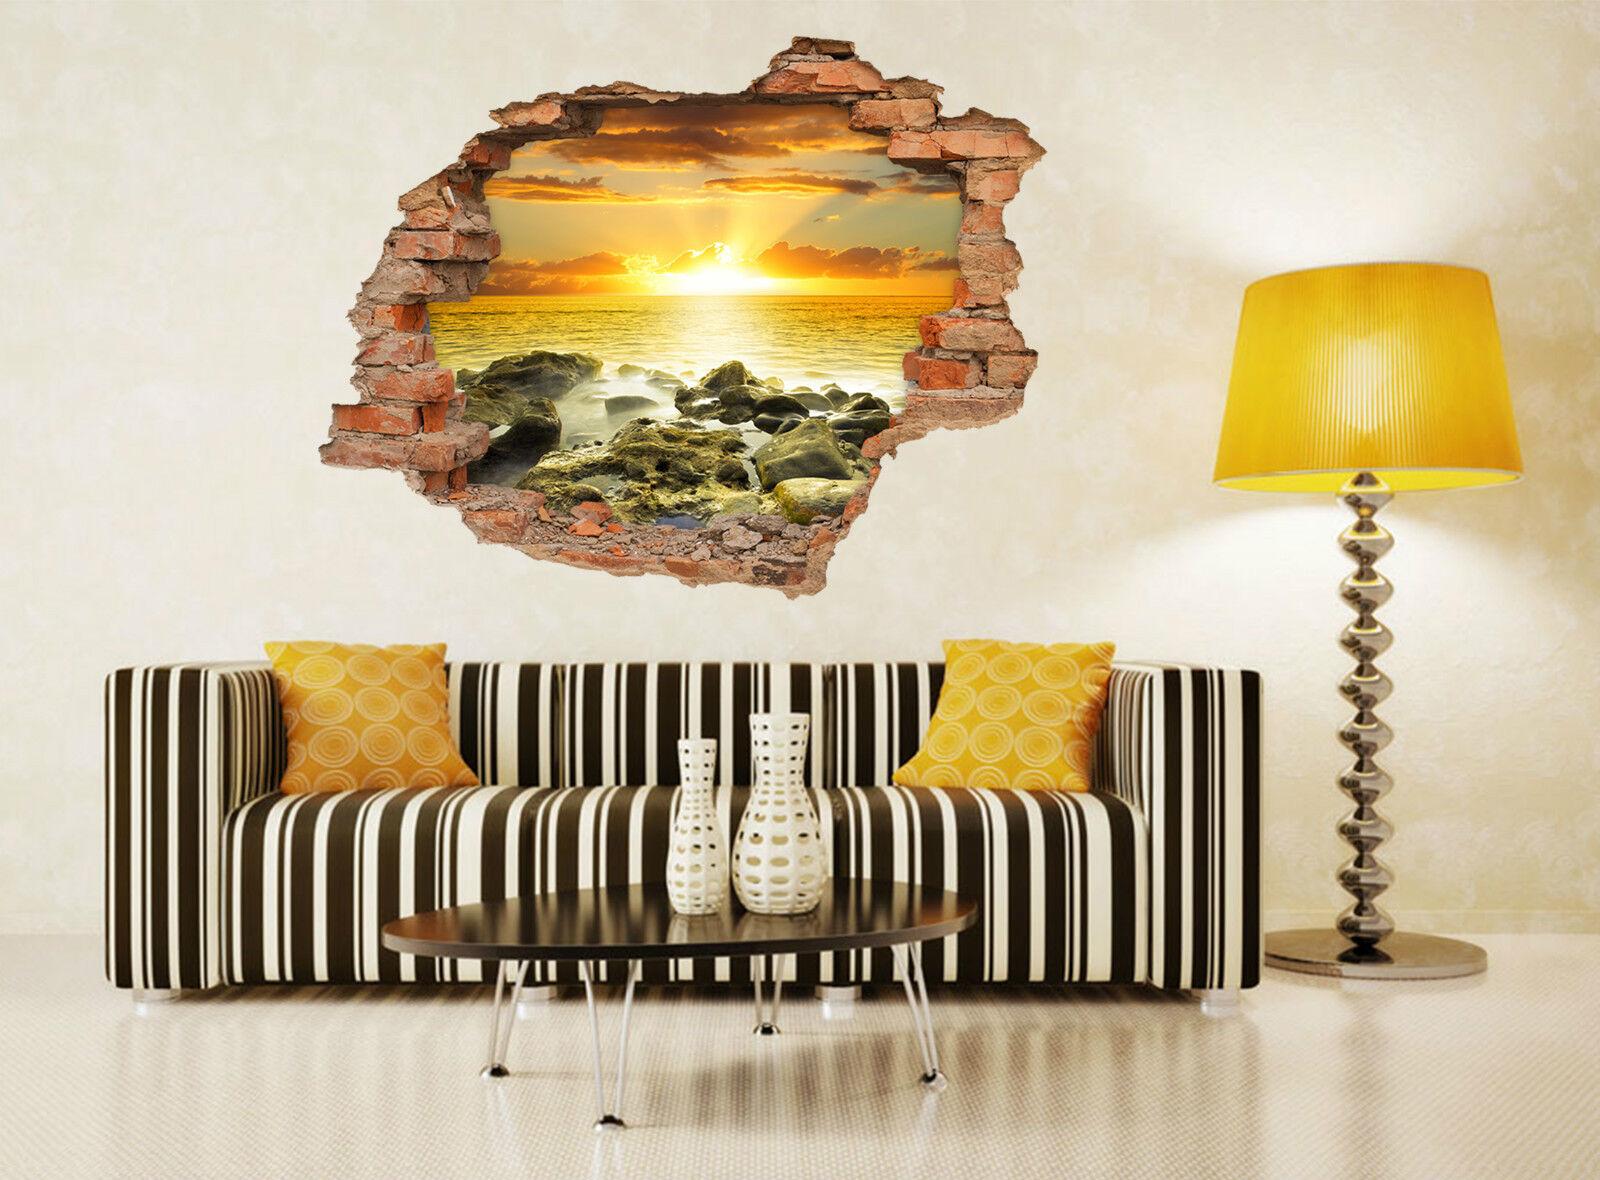 3D Ocean Sky 523 Mauer Murals Aufklebe Decal Durchbruch AJ WALLPAPER DE Lemon